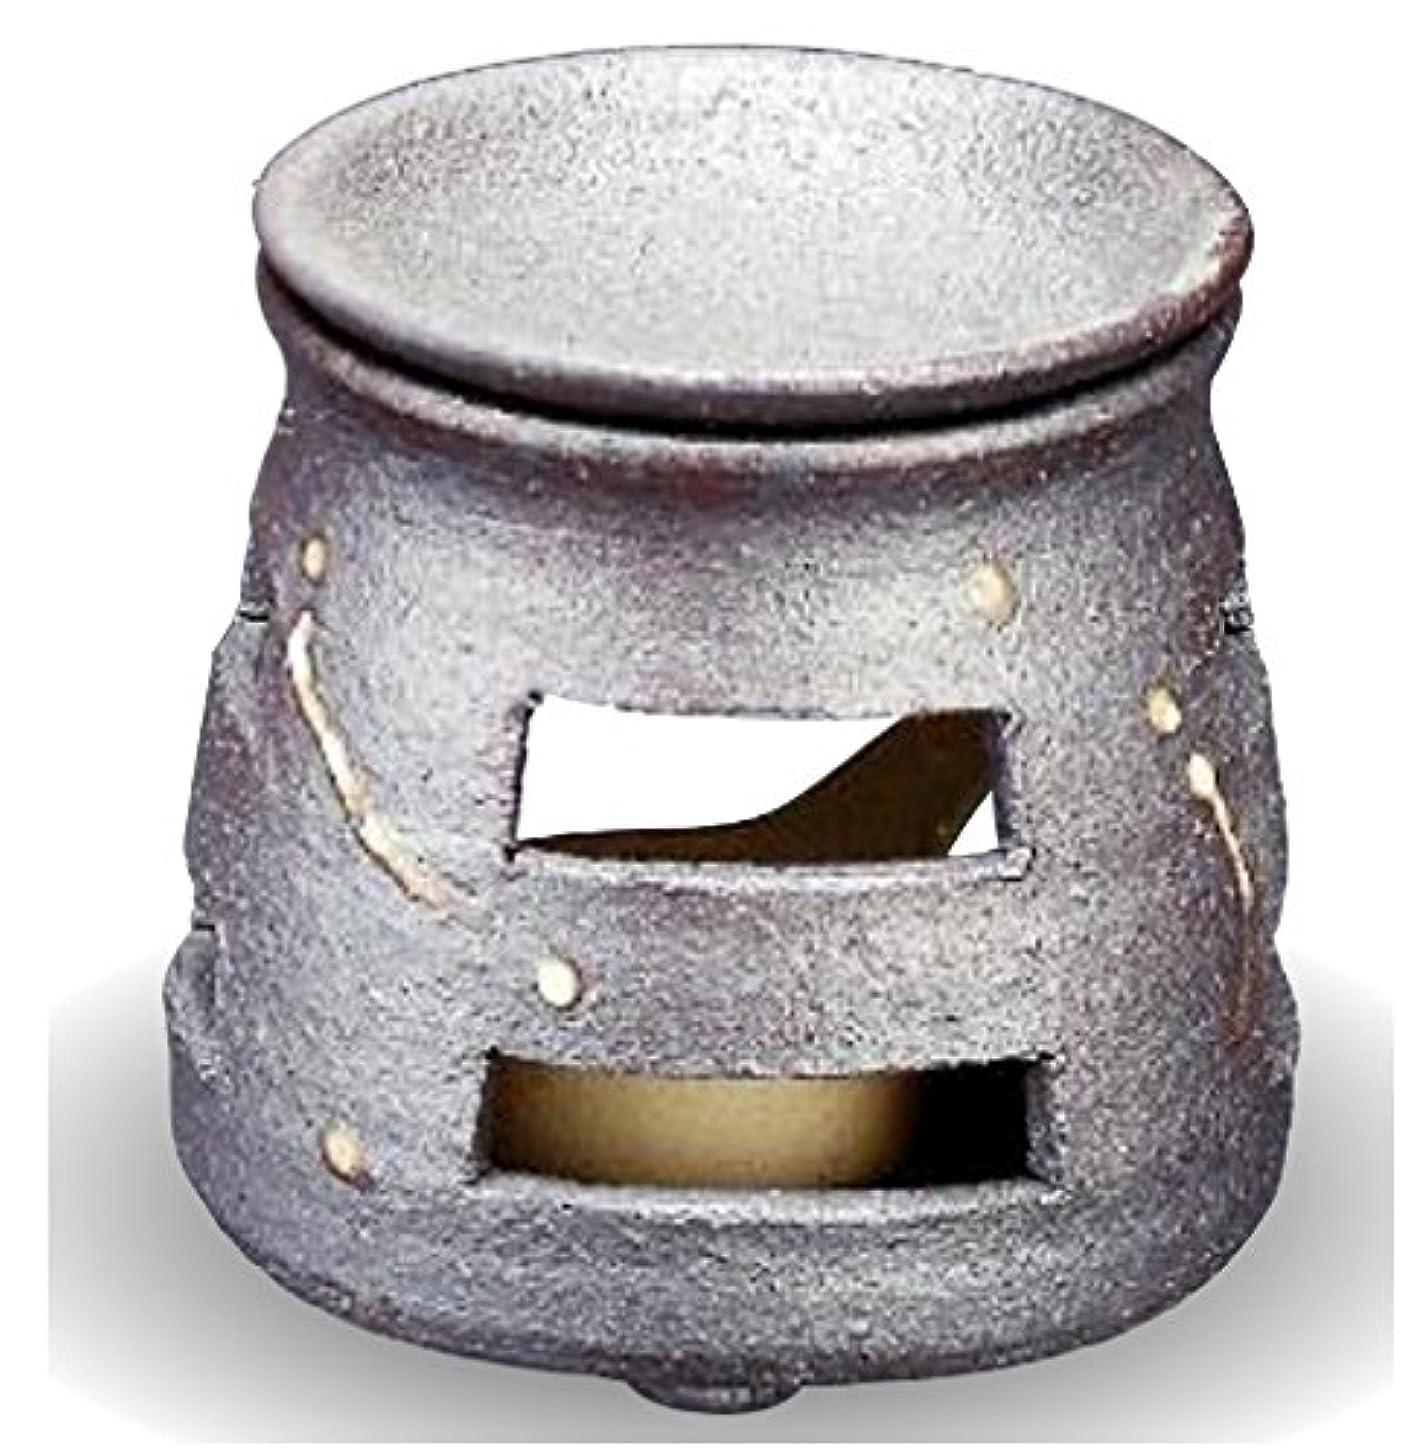 スロベニア文字再撮り常滑焼 茶香炉(アロマポット)径9×高さ10cm